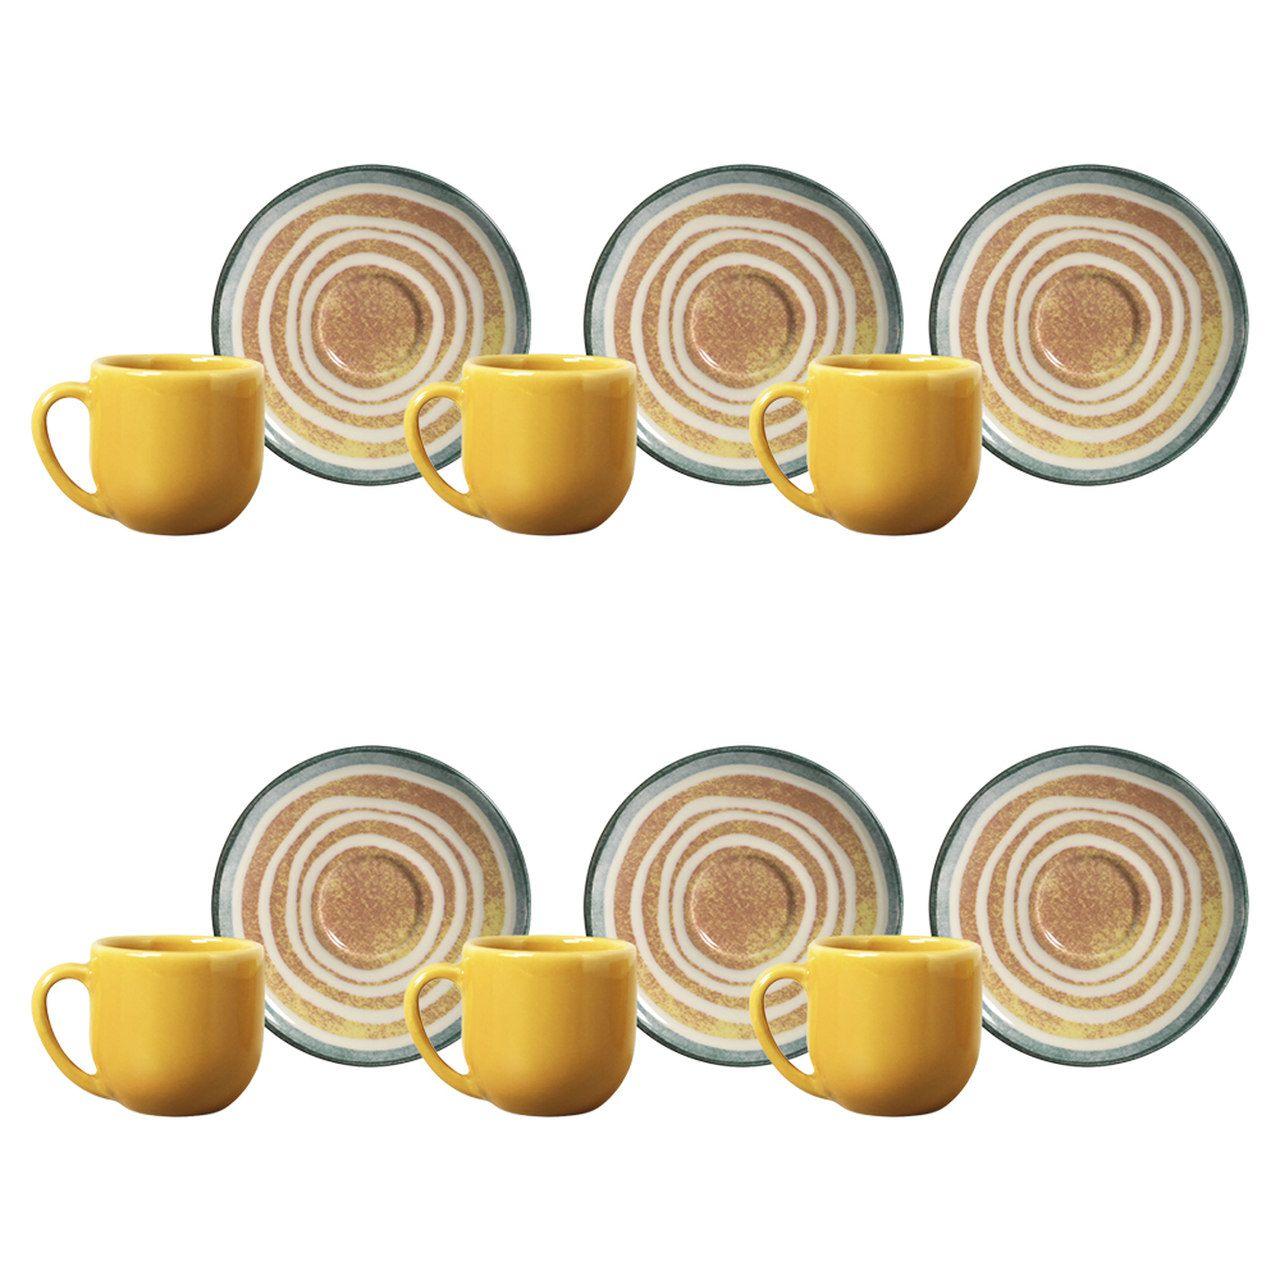 Jogo 6 Xícaras de Café com Pires Coup Siracusa - Porto Brasil